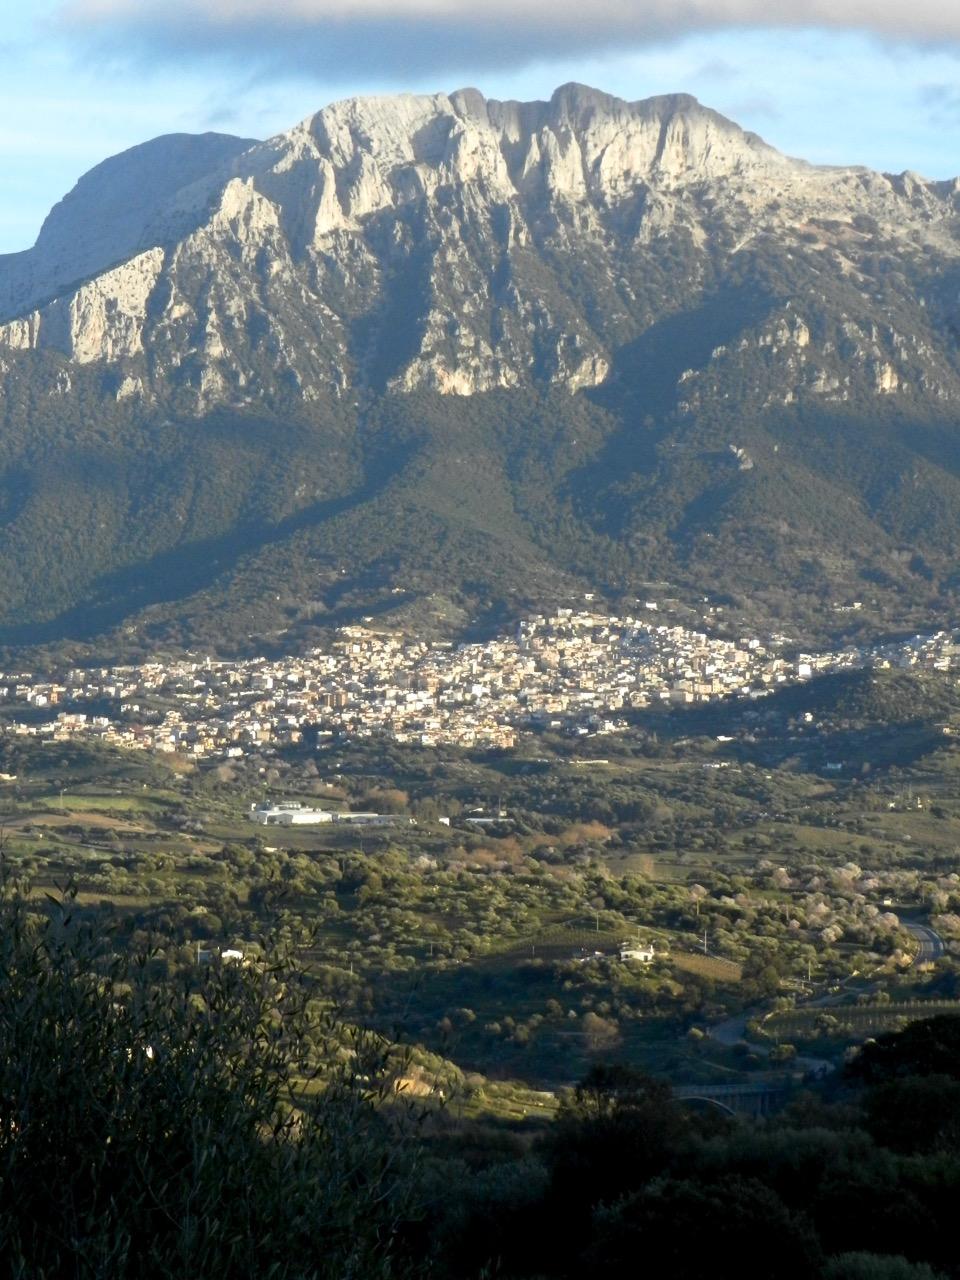 Gute Wahl: Ein Dorf wie Oliena, mit gewachsenen Strukturen und ganzjährigen Bewohnern